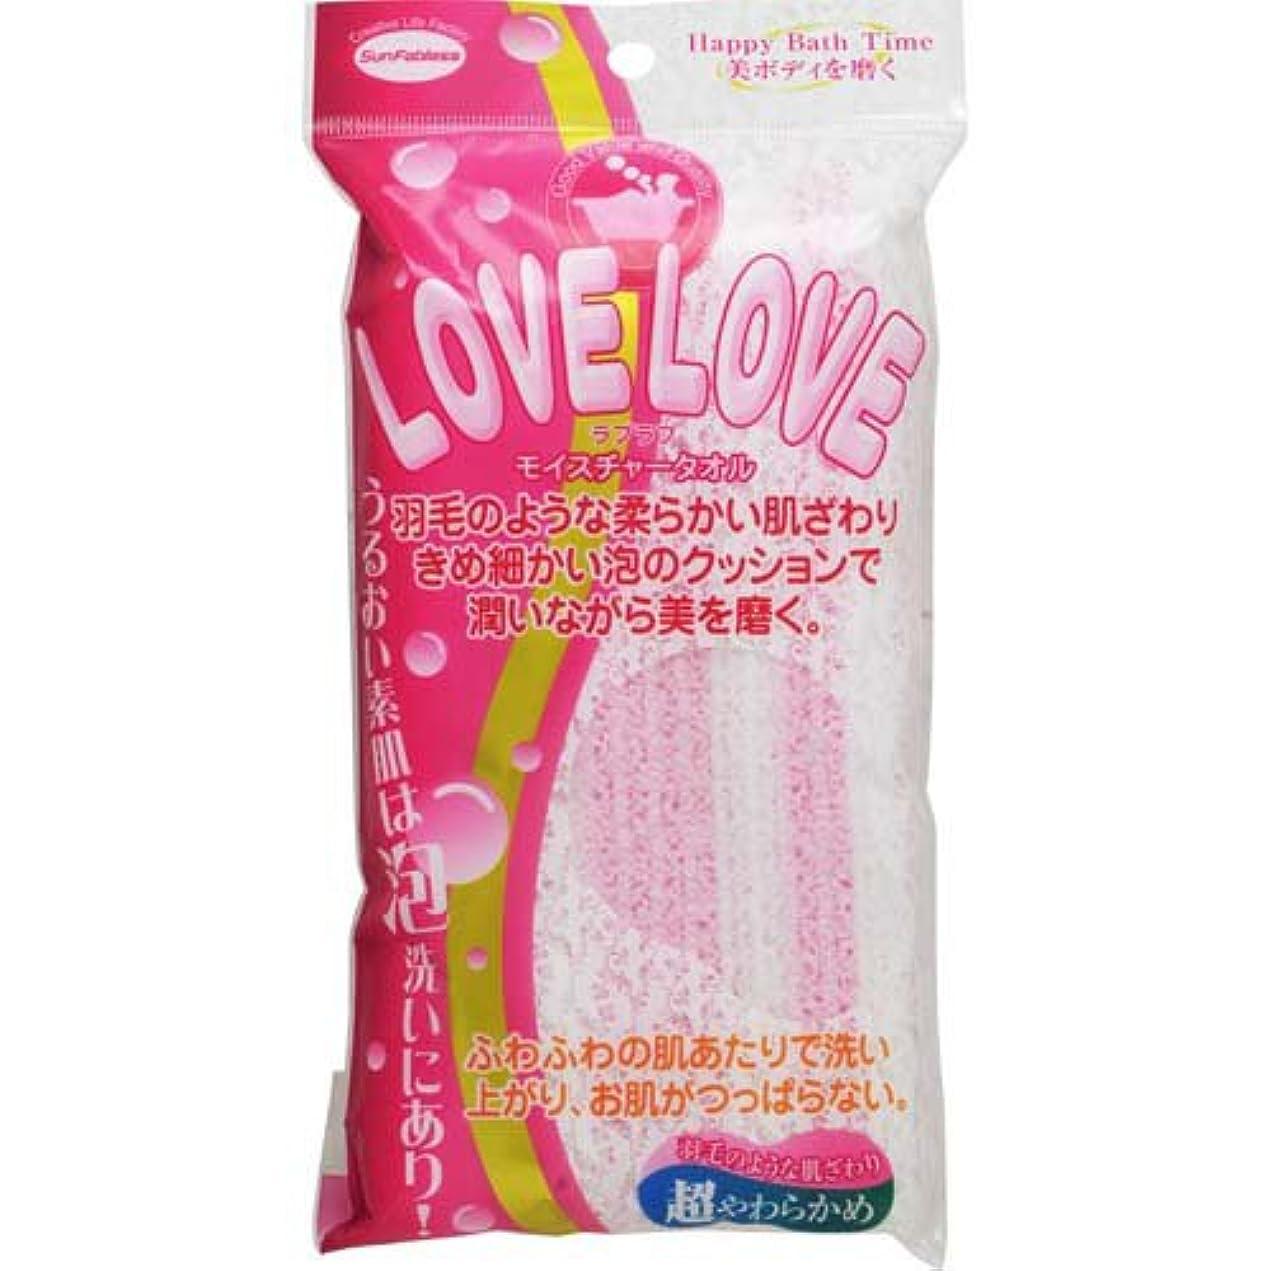 毛皮注目すべきミュウミュウサンファブレス LOVE LOVE モイスチャーボディタオル(ピンク)